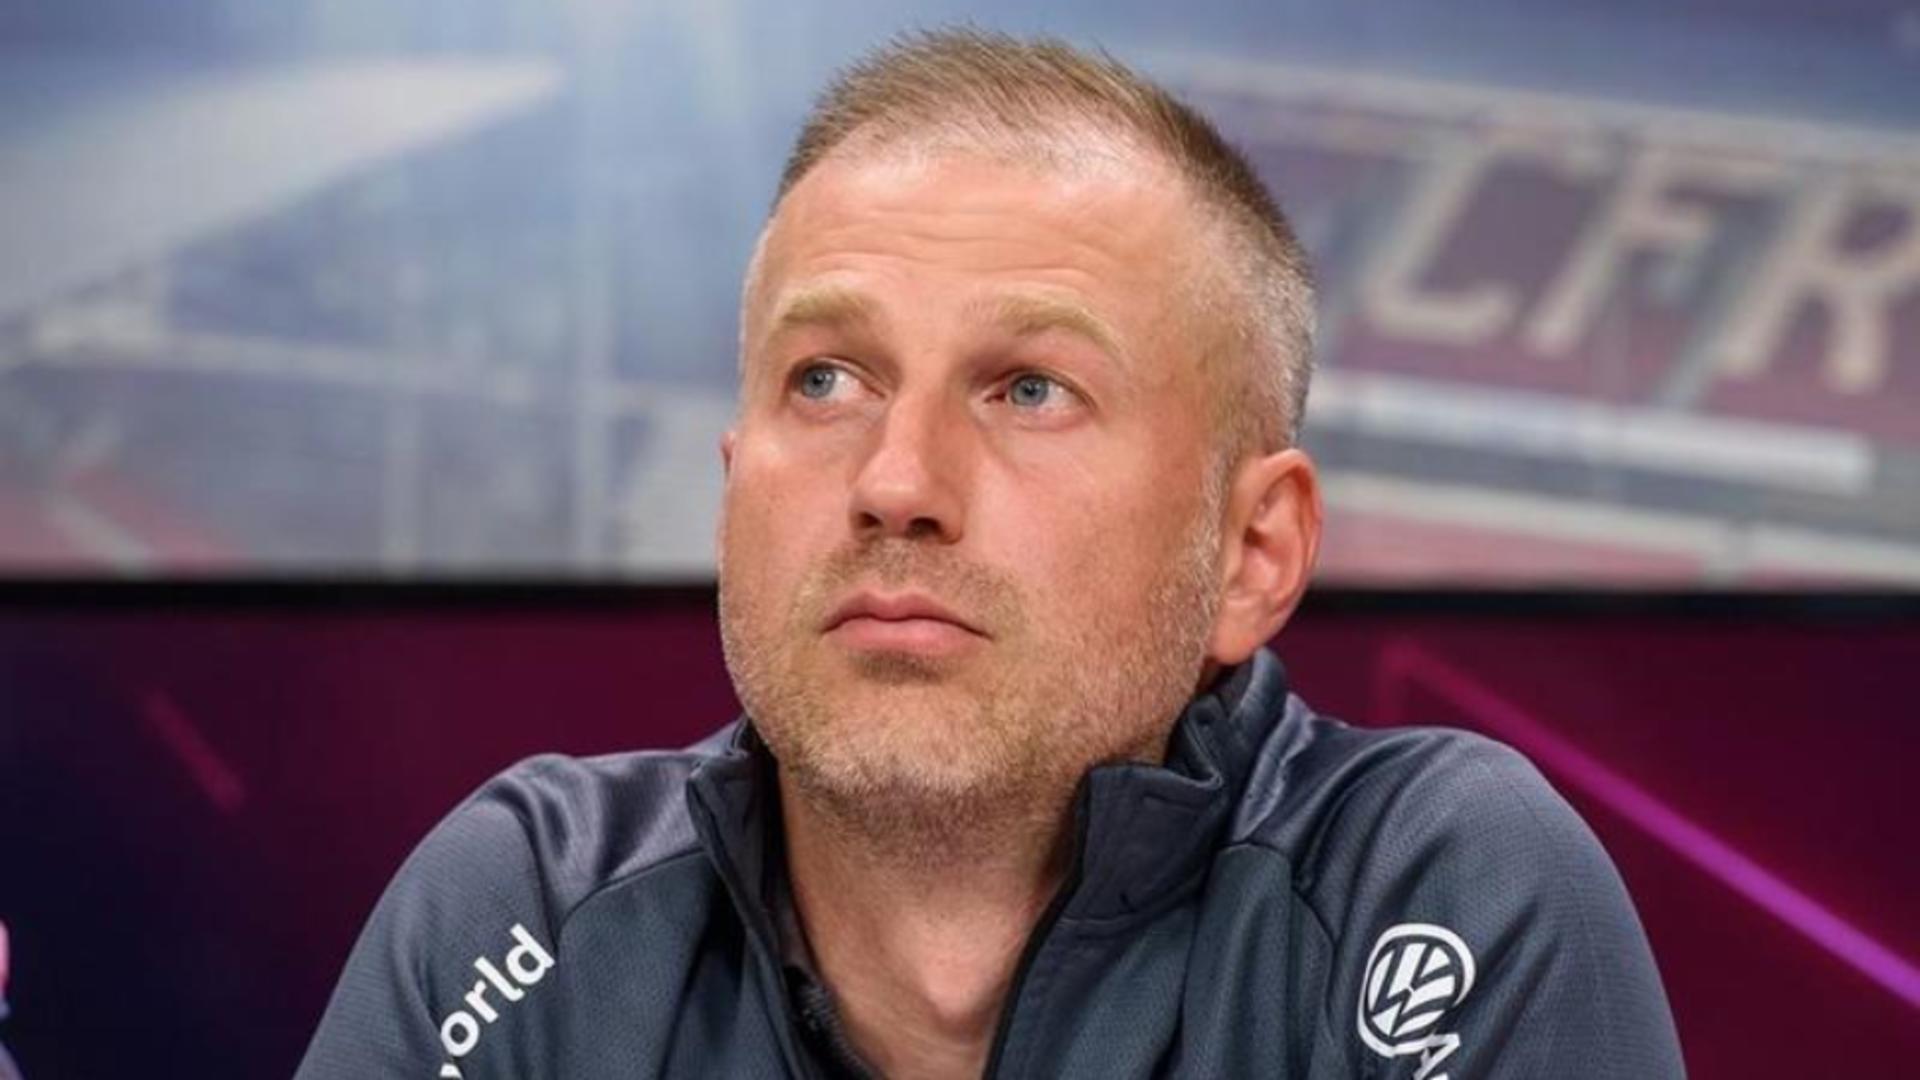 Una caldă, alta rece! Iordănescu primește o veste proastă după revenirea lui Arlauskis